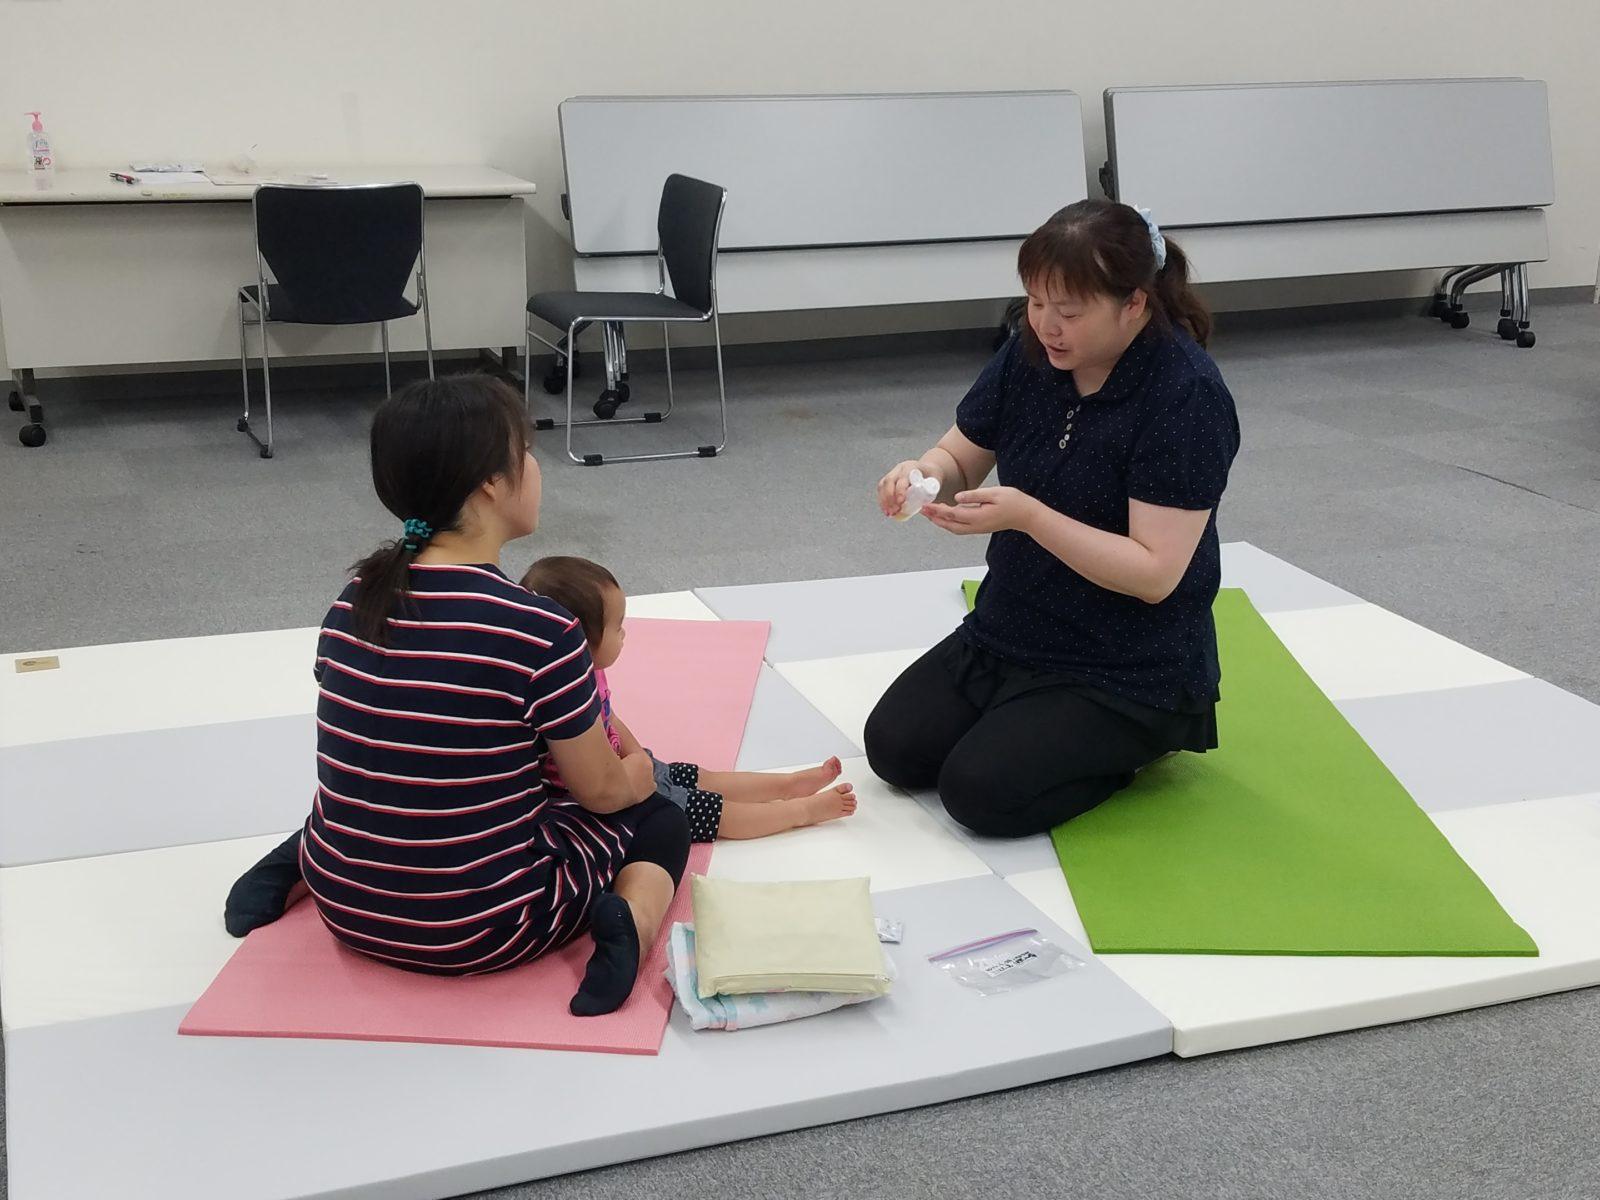 ハウスクエア横浜での教室風景☆